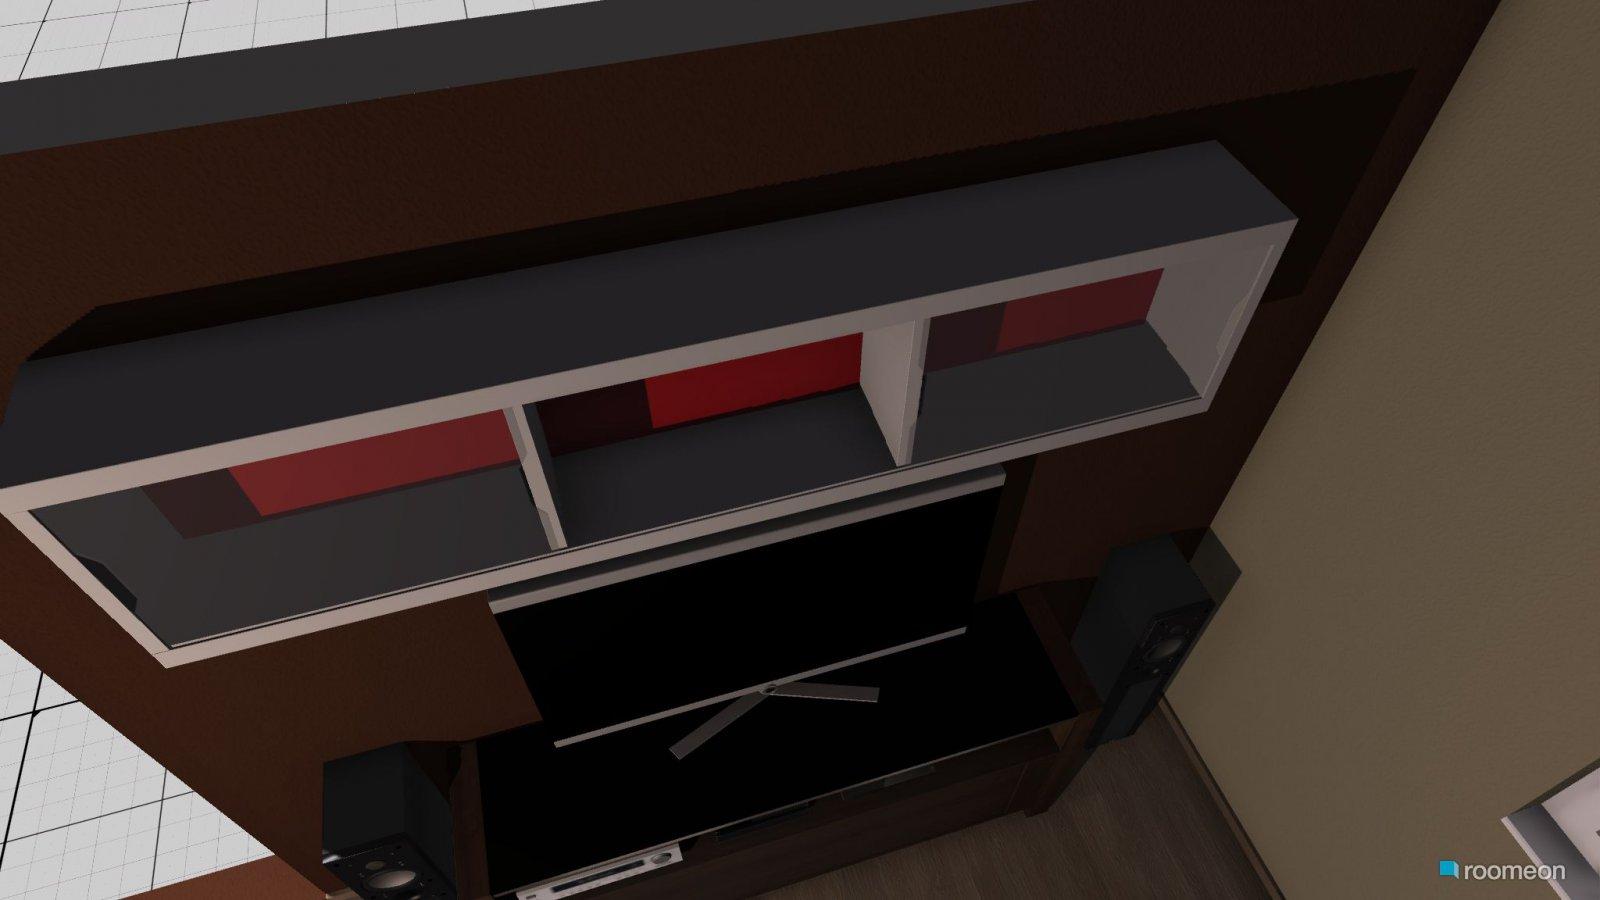 Raumplanung Wohnzimmer - offene Küche - roomeon Community